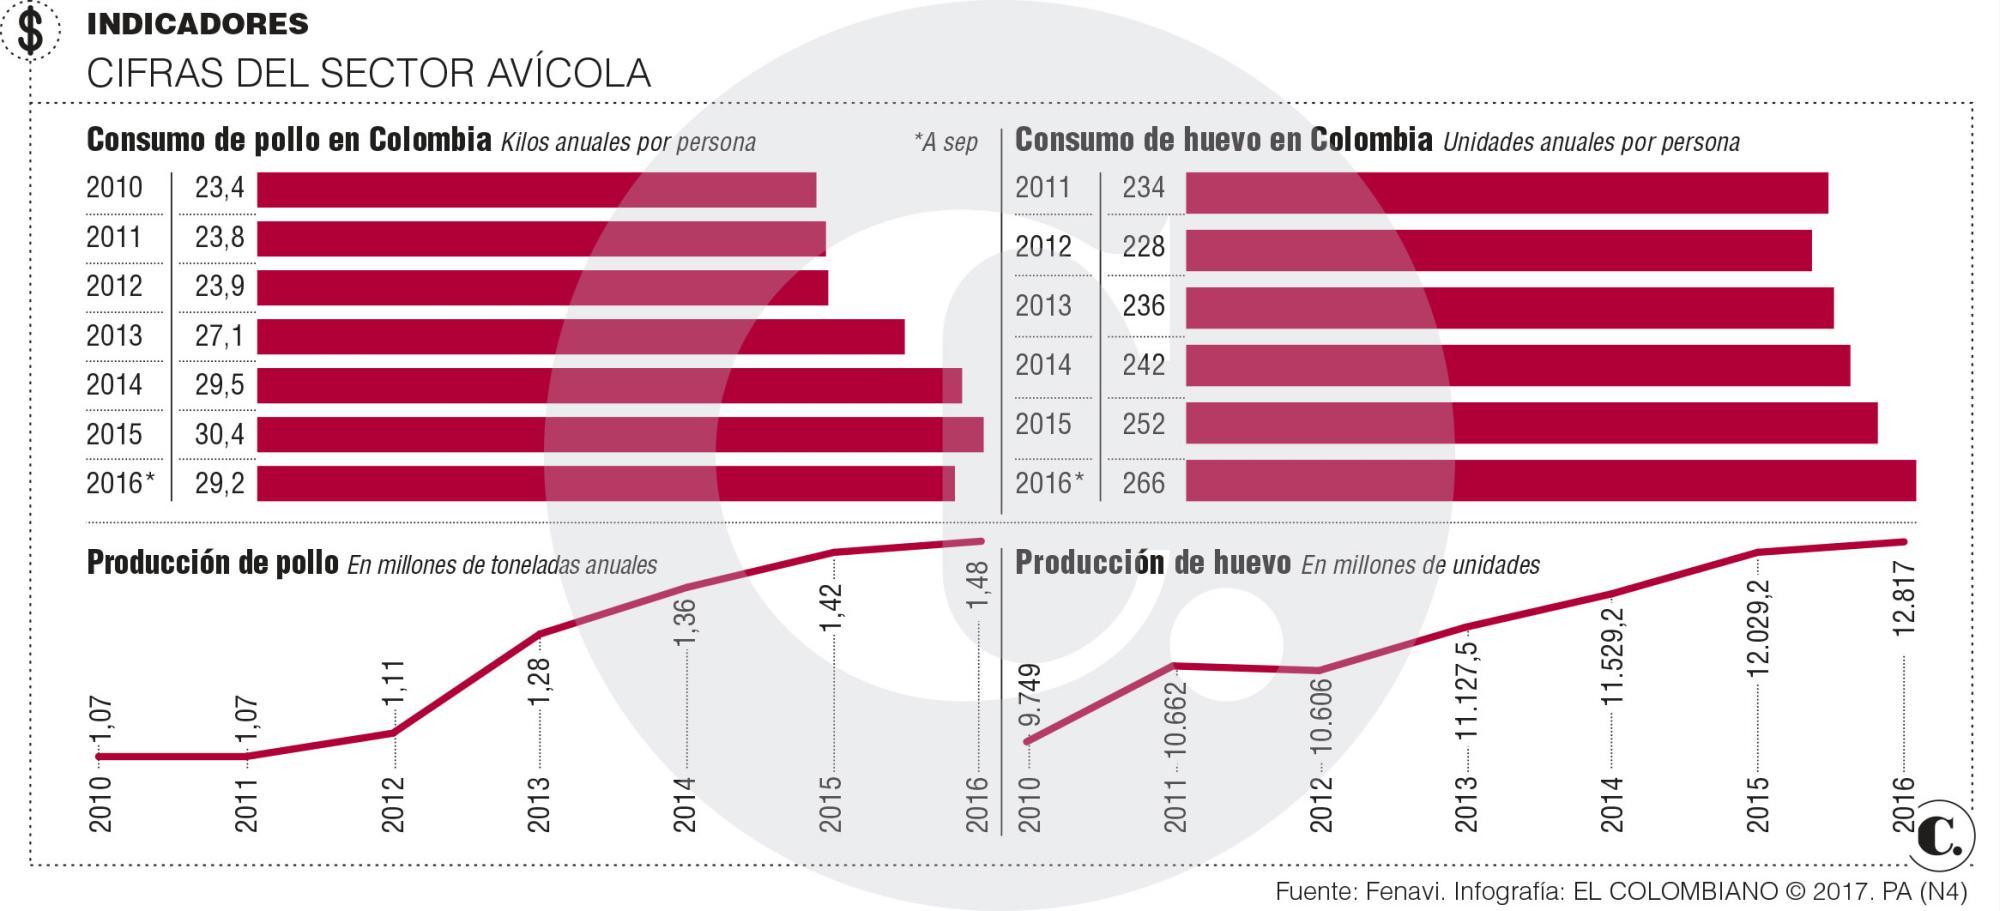 FENAVI COLOMBIA AVICULTURA CONSUMO